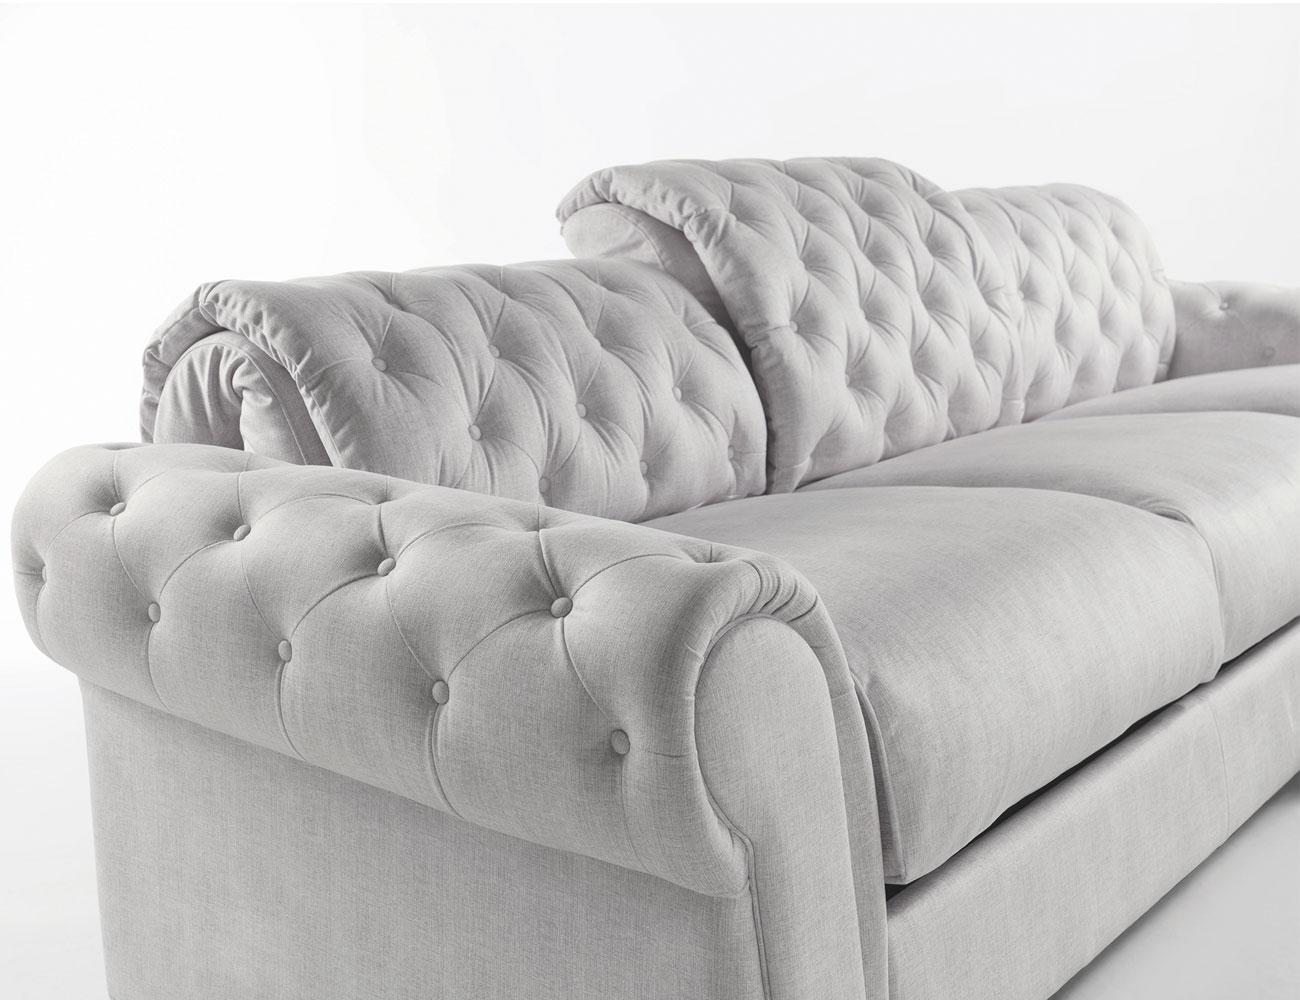 Sofa chaiselongue gran lujo decorativo capitone blanco tela 14